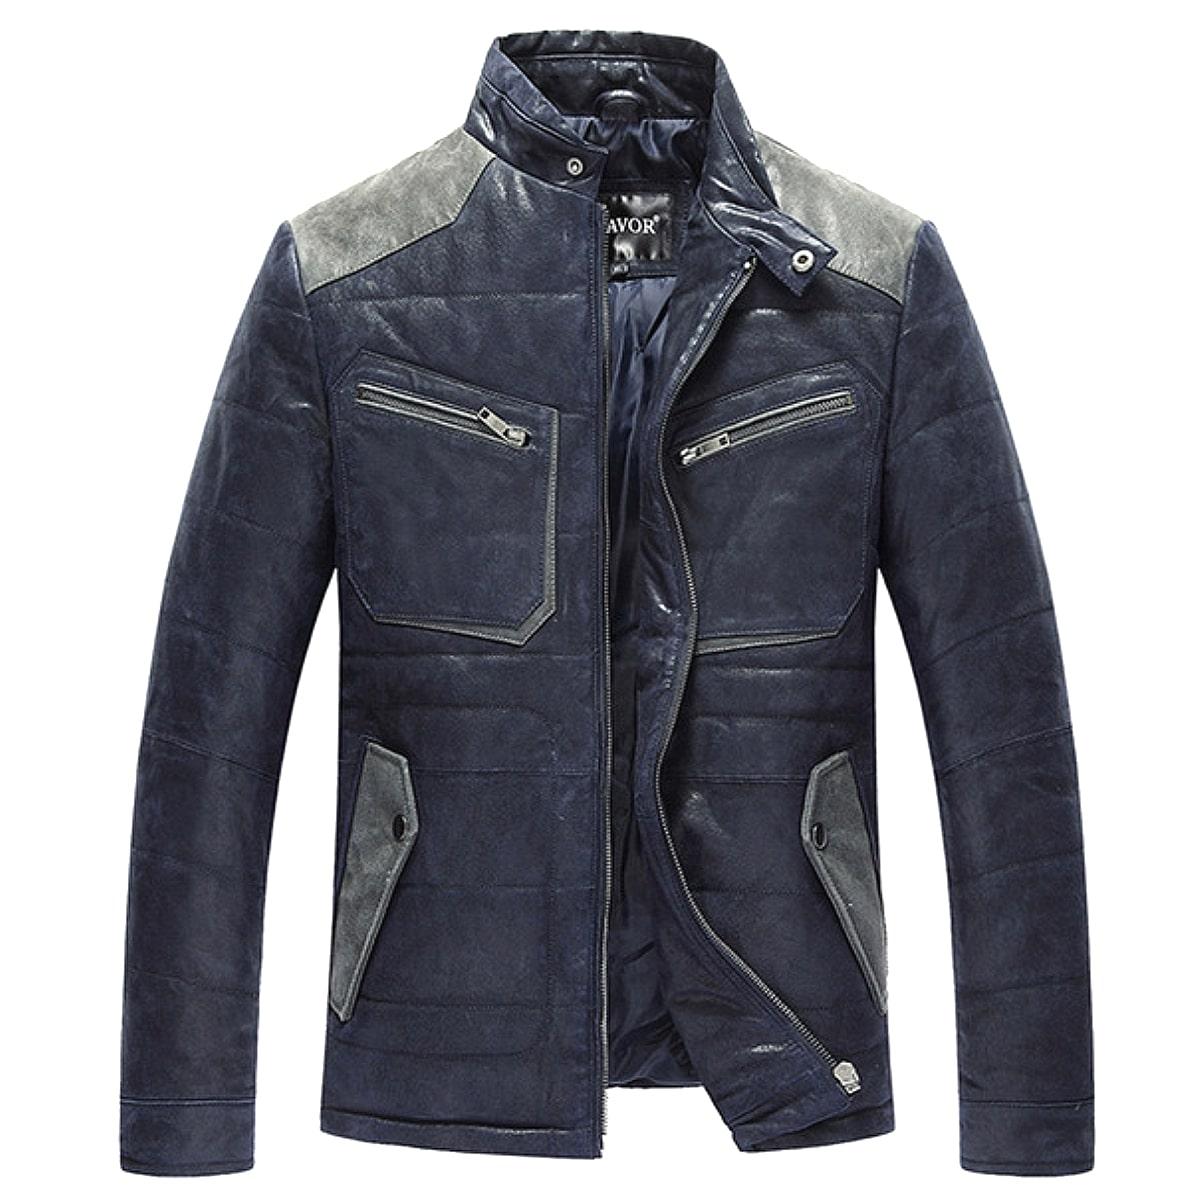 【送料無料!】全10サイズ! [Men's Vintage Blue Pigskin Single Riders Jacket] メンズ ビンテージ ブルー ピッグスキン シングルライダース ジャケット! 本革 豚革 革ジャン フライトジャケット ダウンジャケット コート アウター バイクに!